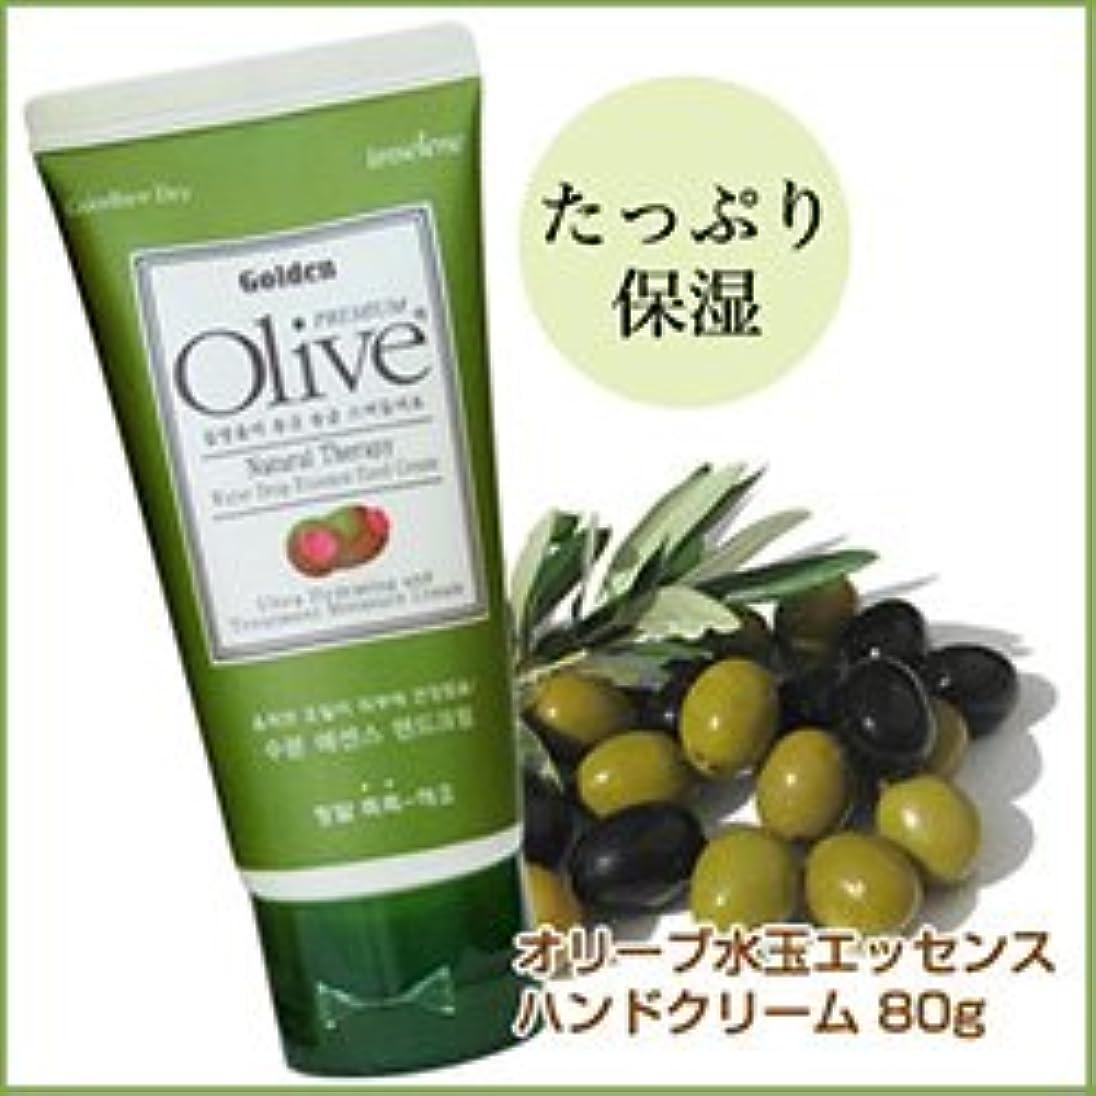 ブラケット進化部分的に【韓国コスメ】天然オリーブオイル ハンドクリーム80g